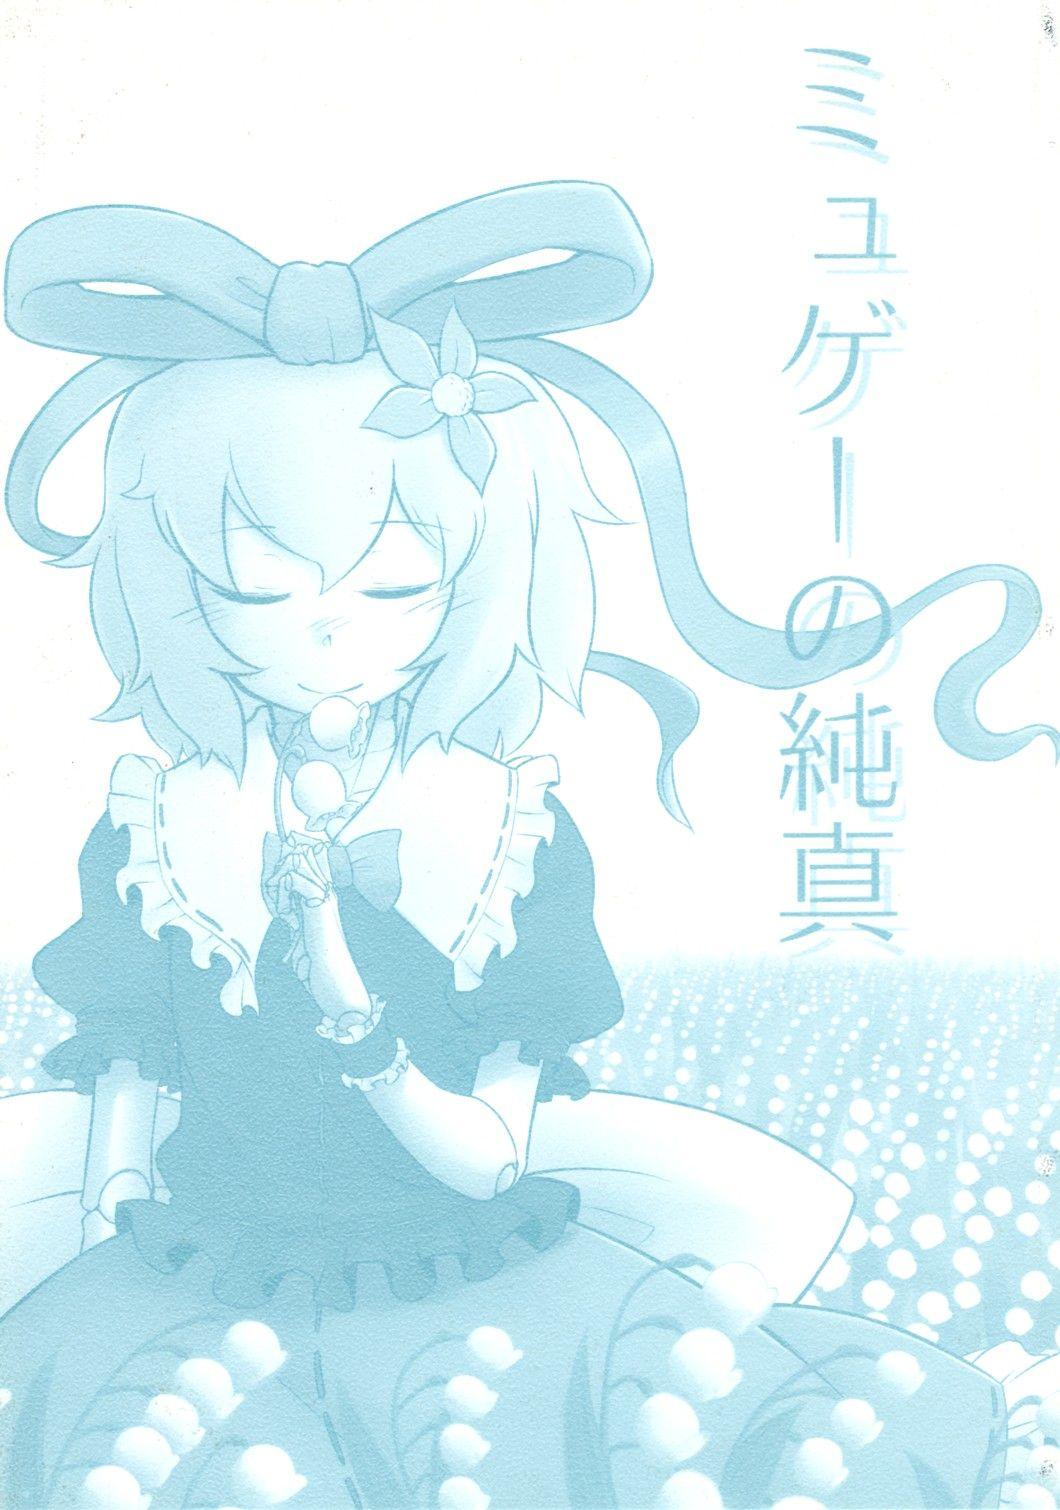 Touhou - Muget no Junshin (Doujinshi)